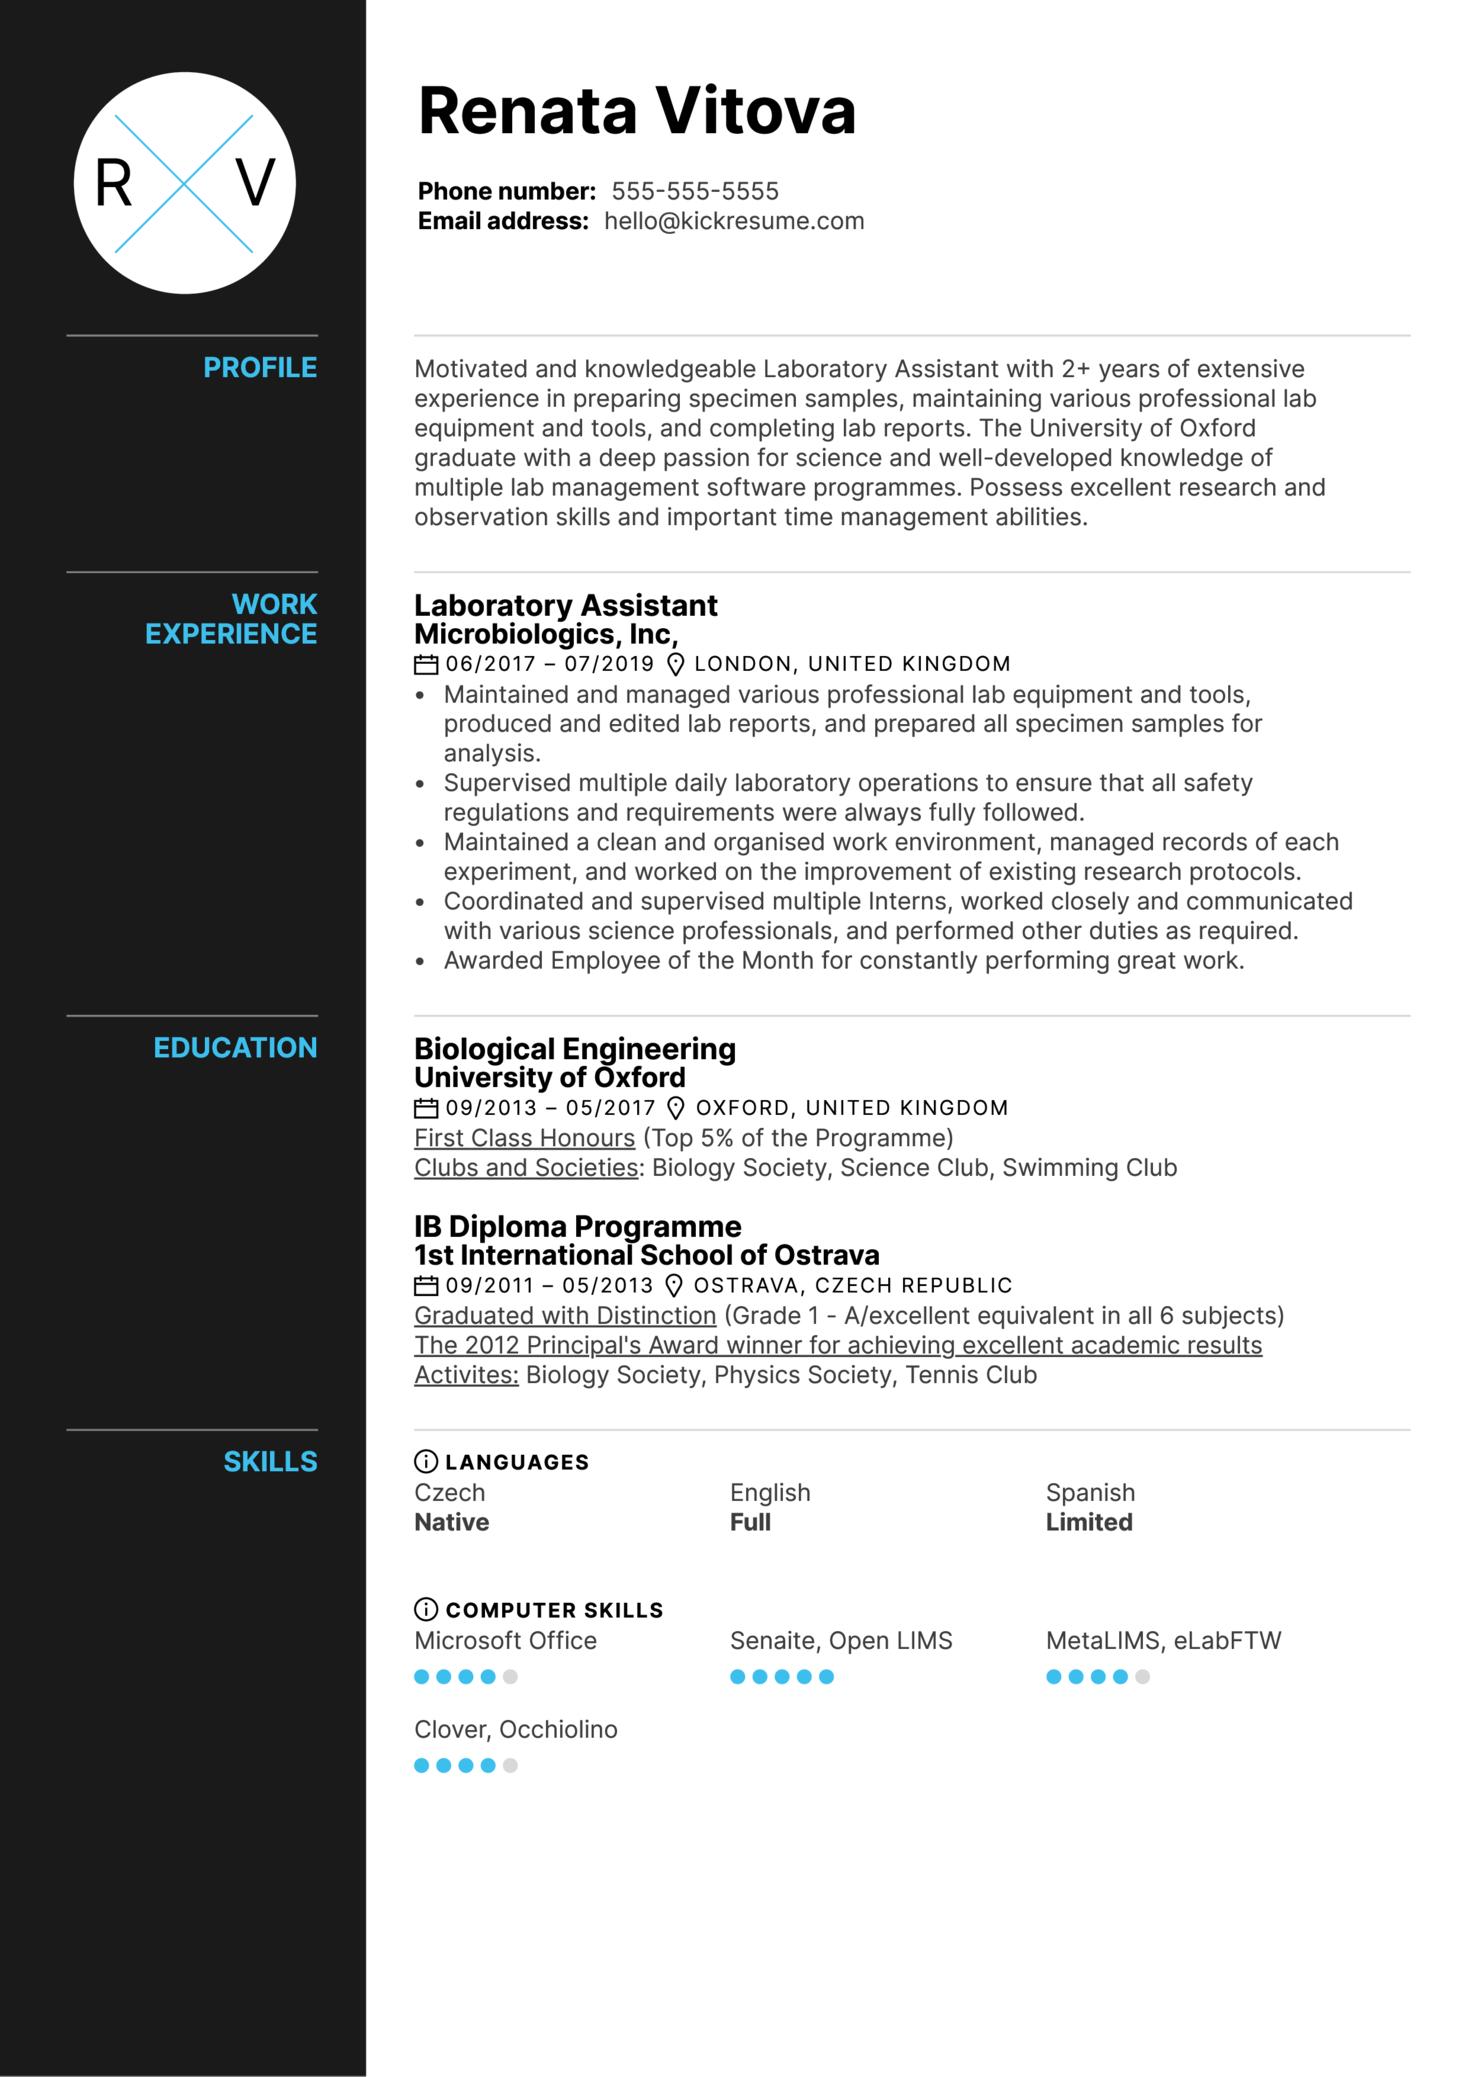 Laboratory Assistant Resume Sample (Teil 1)